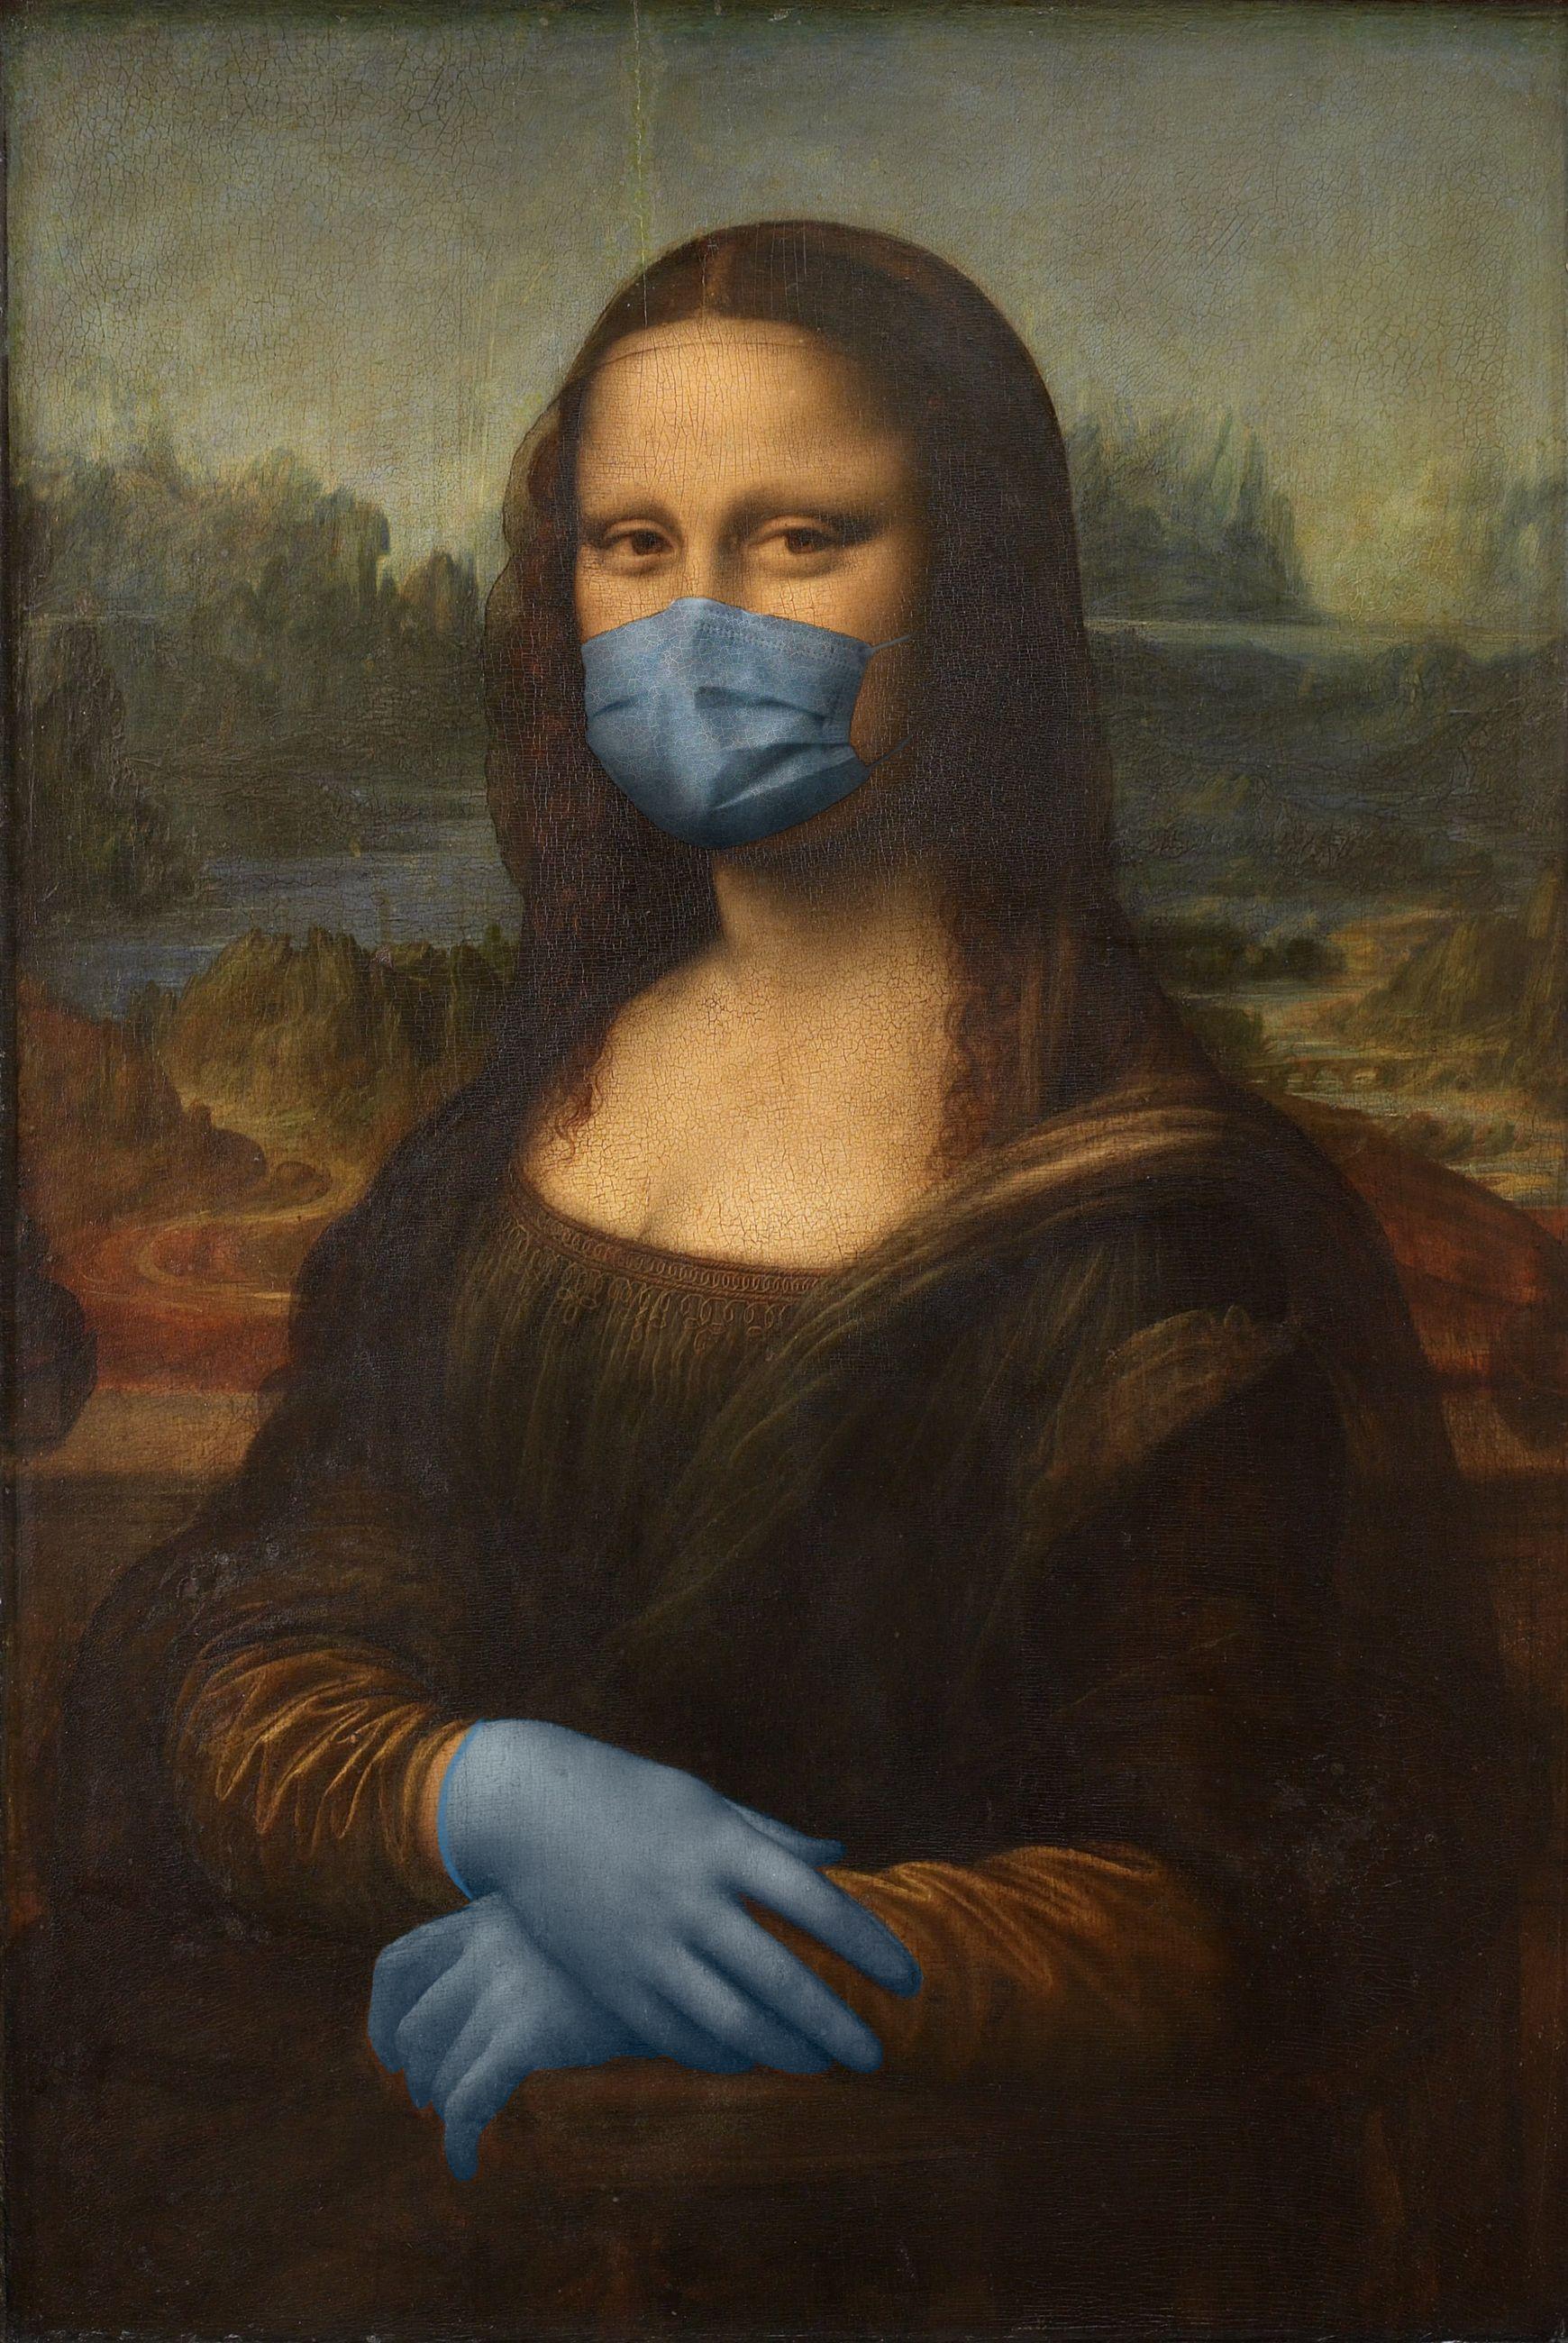 La Gioconda / Leonardo da Vinci/POA Estudio